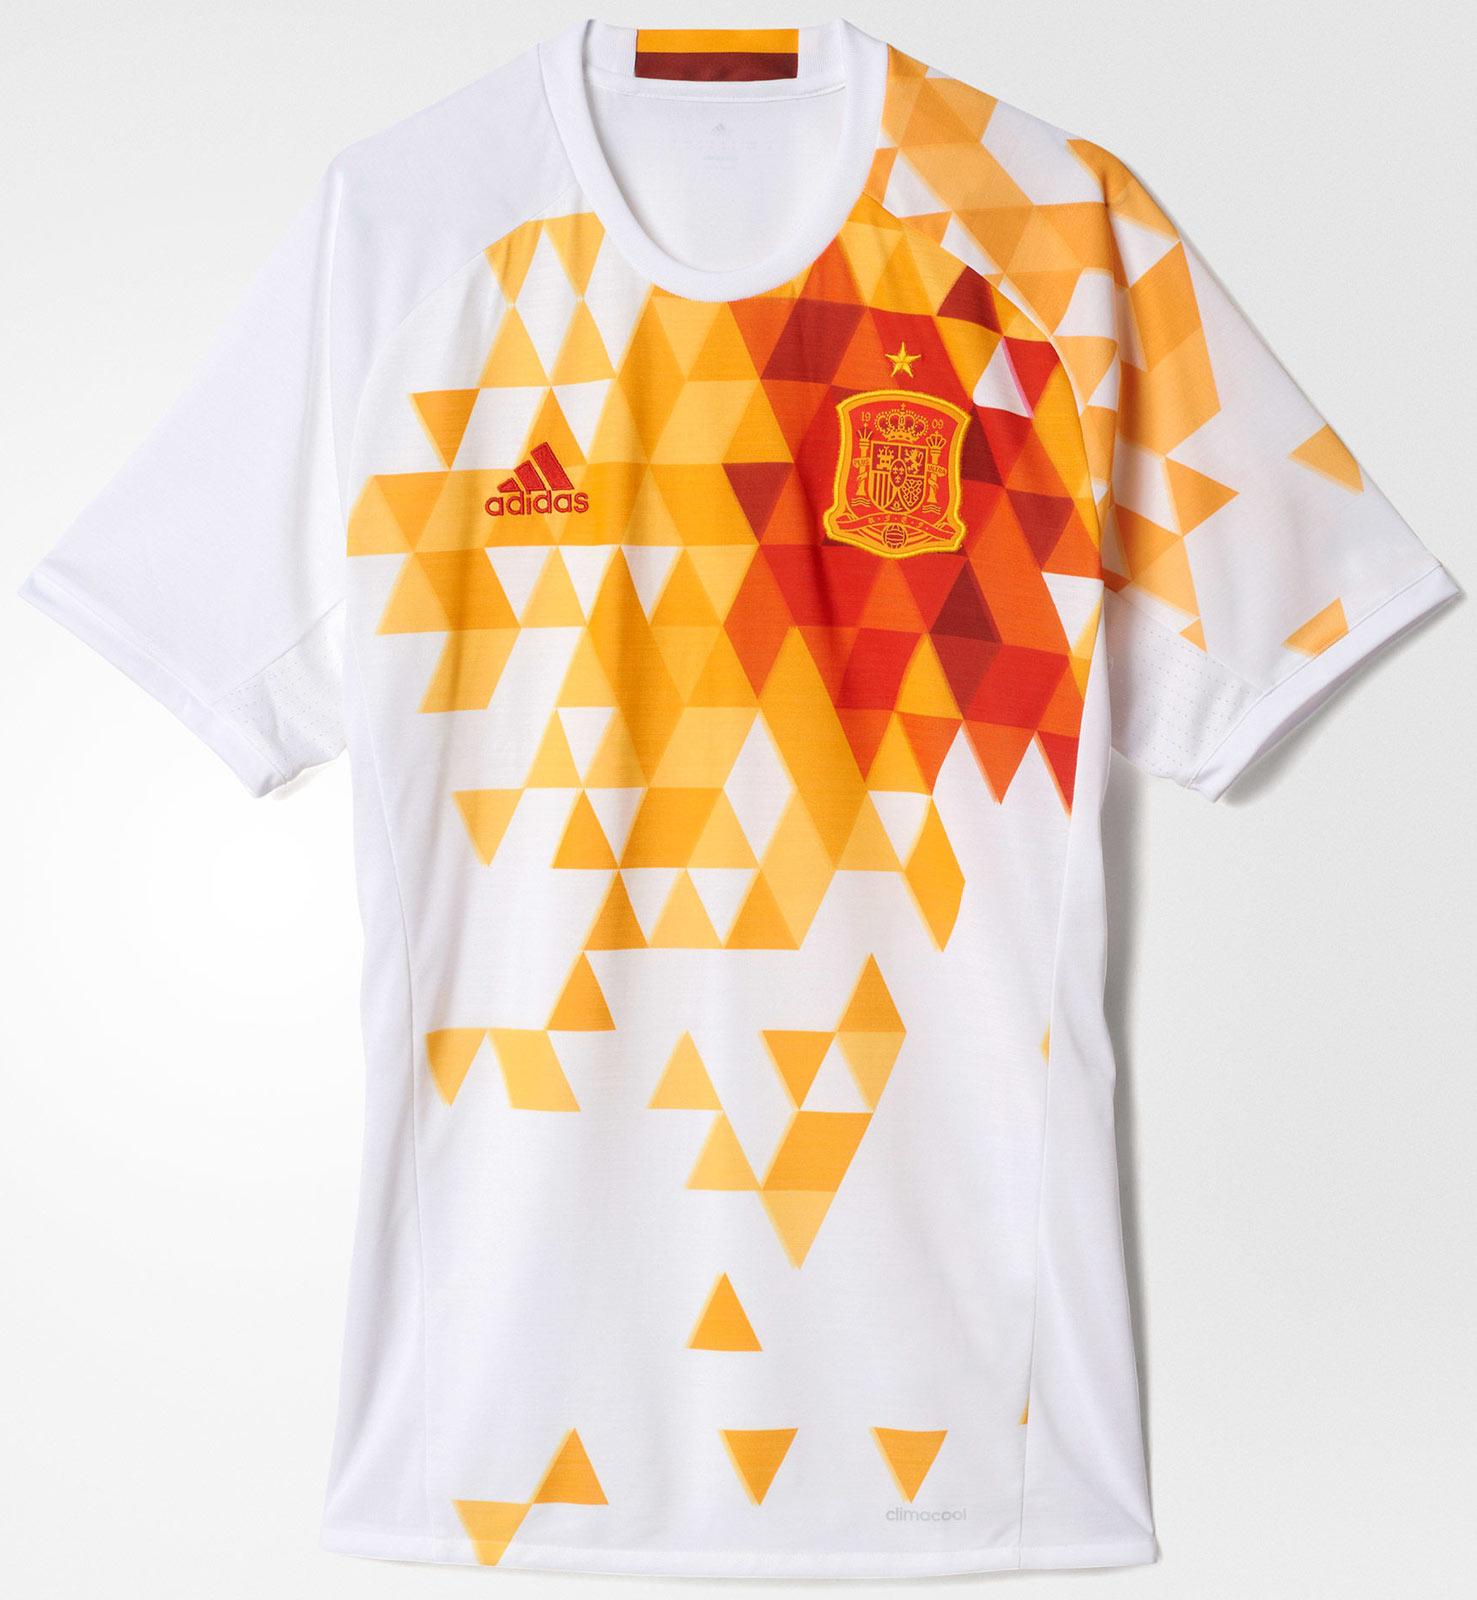 0a00eb22e5 Adidas lança nova camisa reserva da Espanha - Show de Camisas